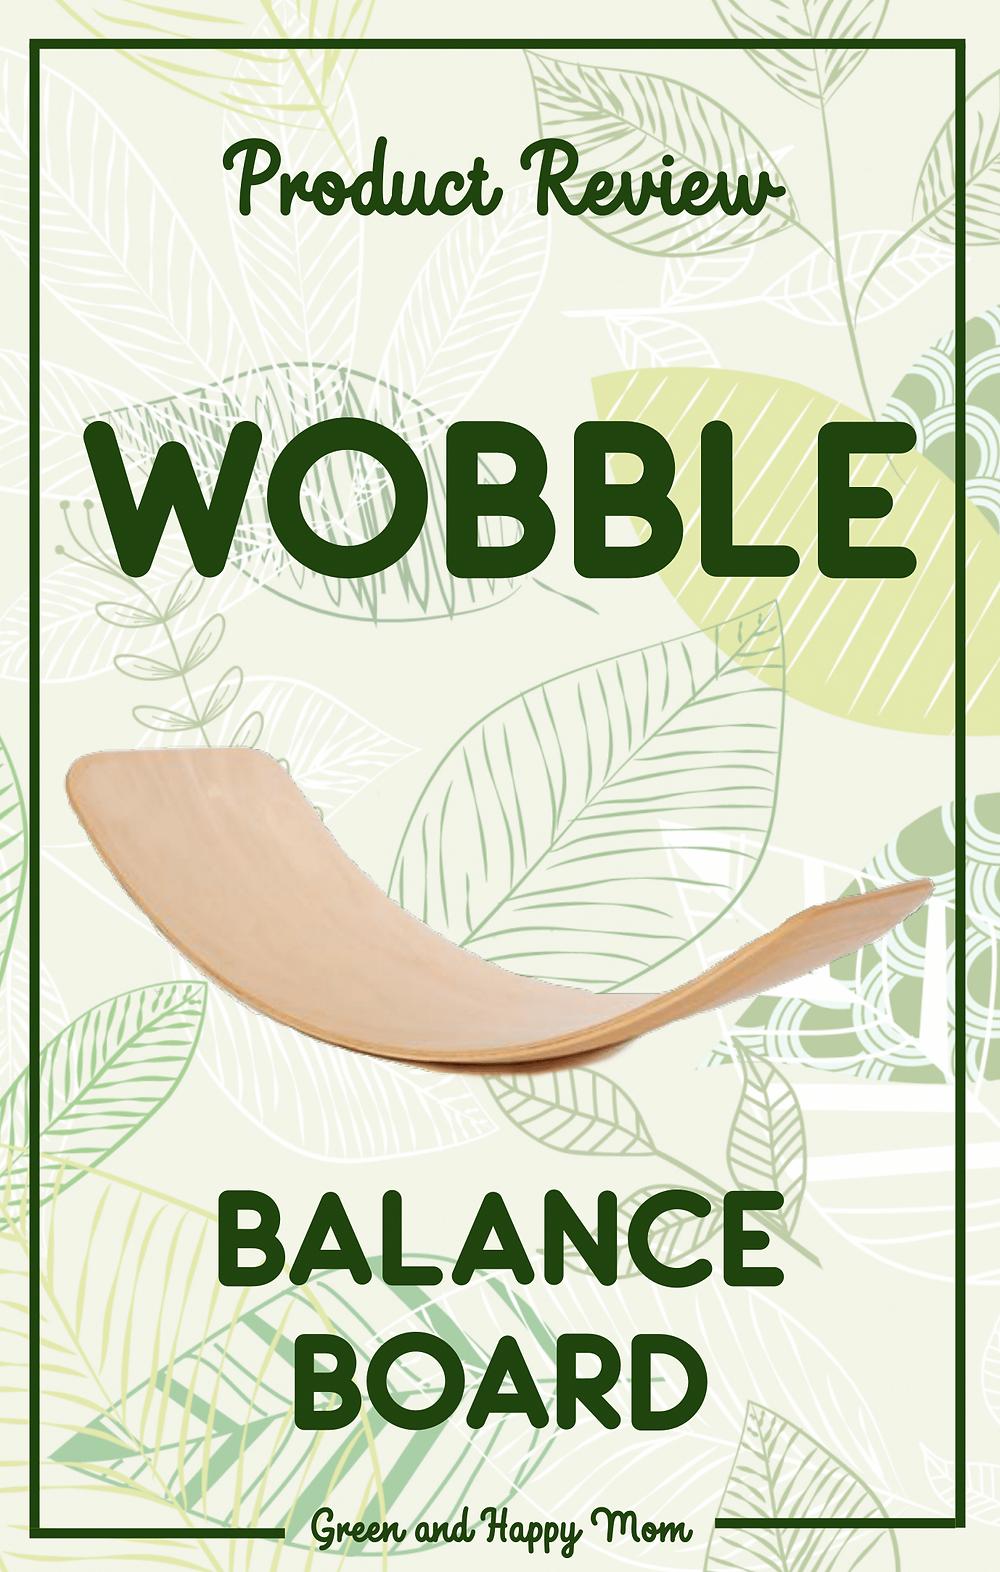 Wobble Balance board